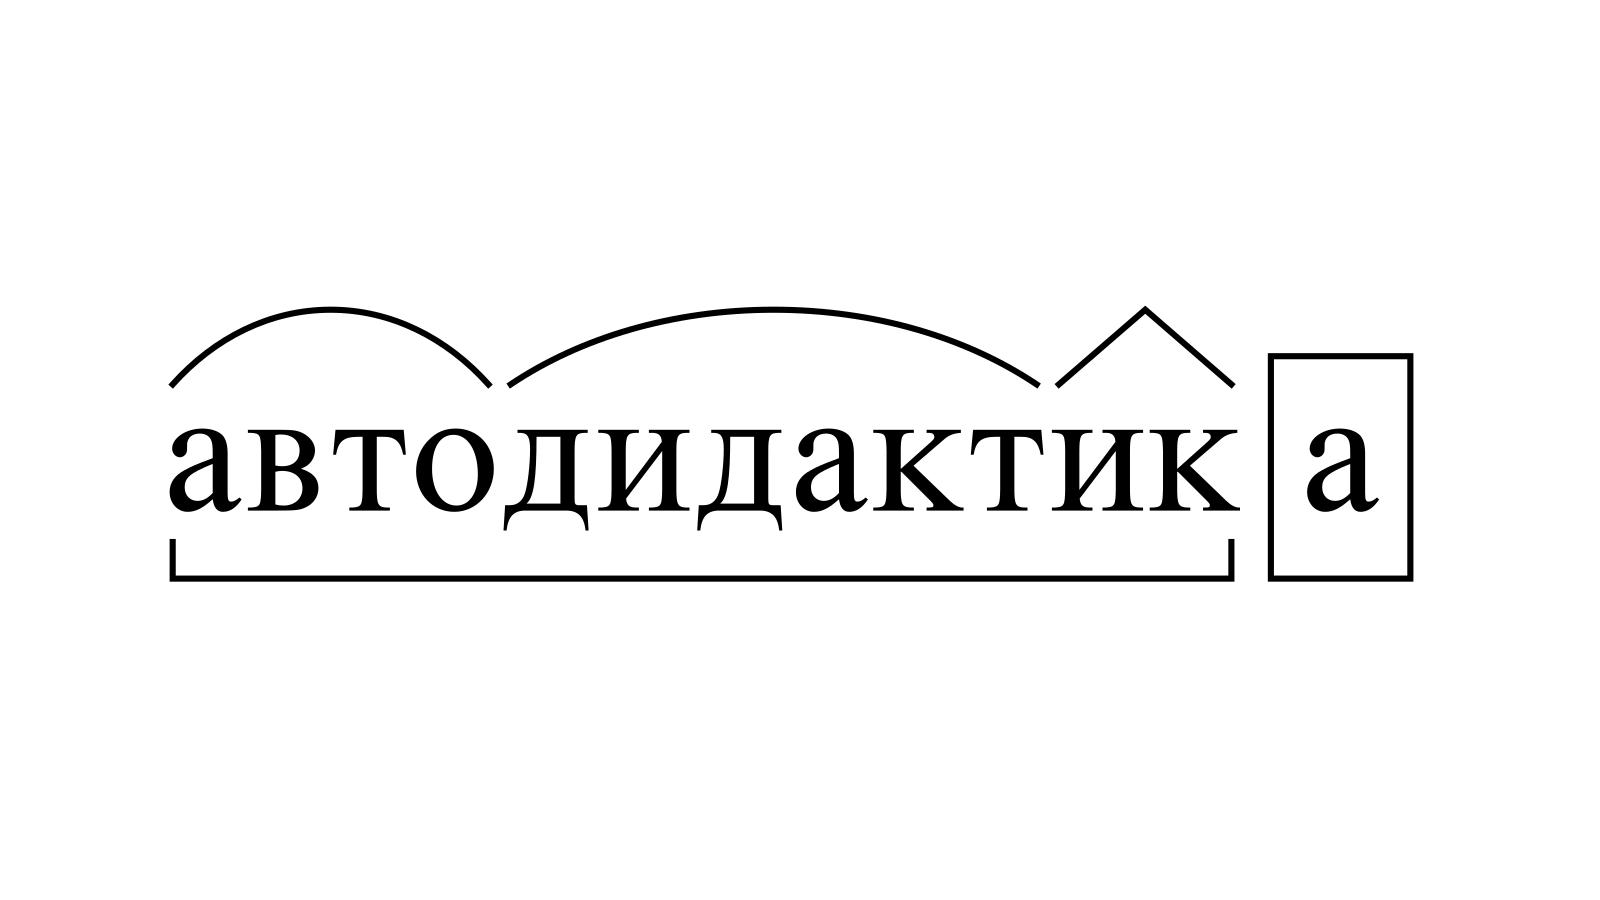 Разбор слова «автодидактика» по составу